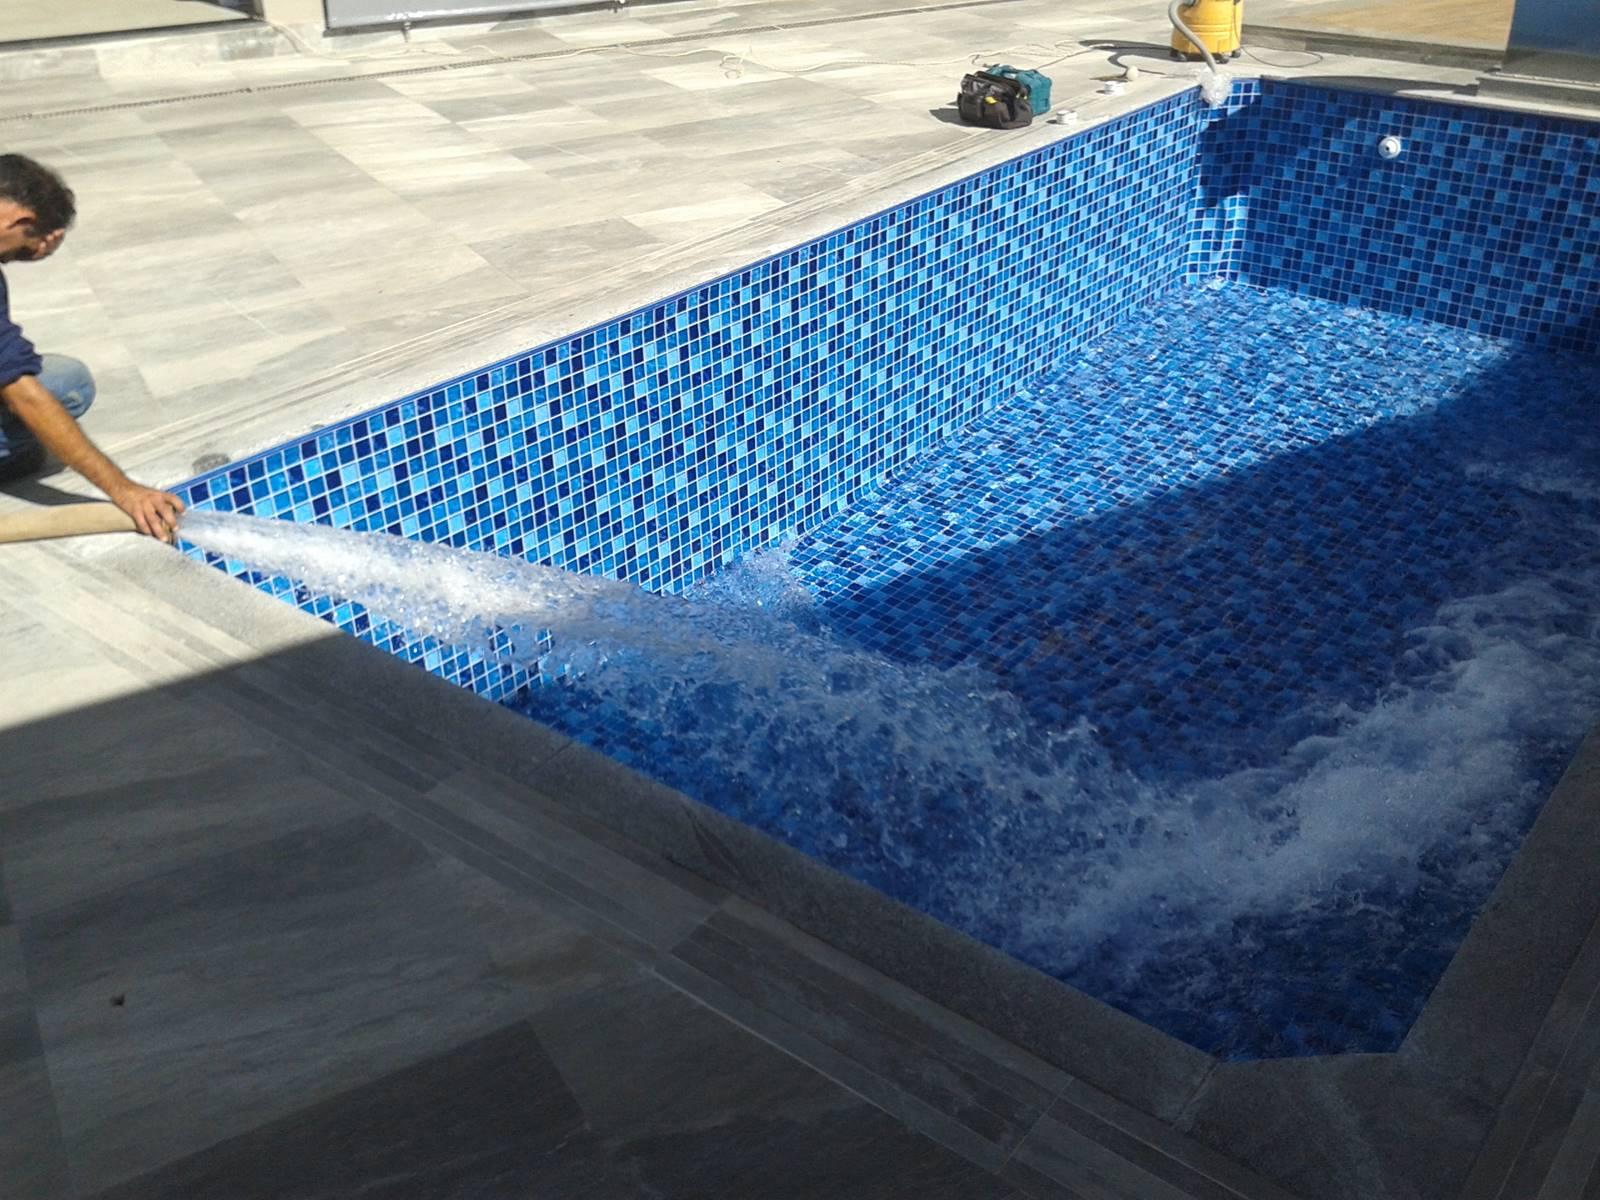 Como fazer uma piscina barata brasil piscinas for Piscina barata